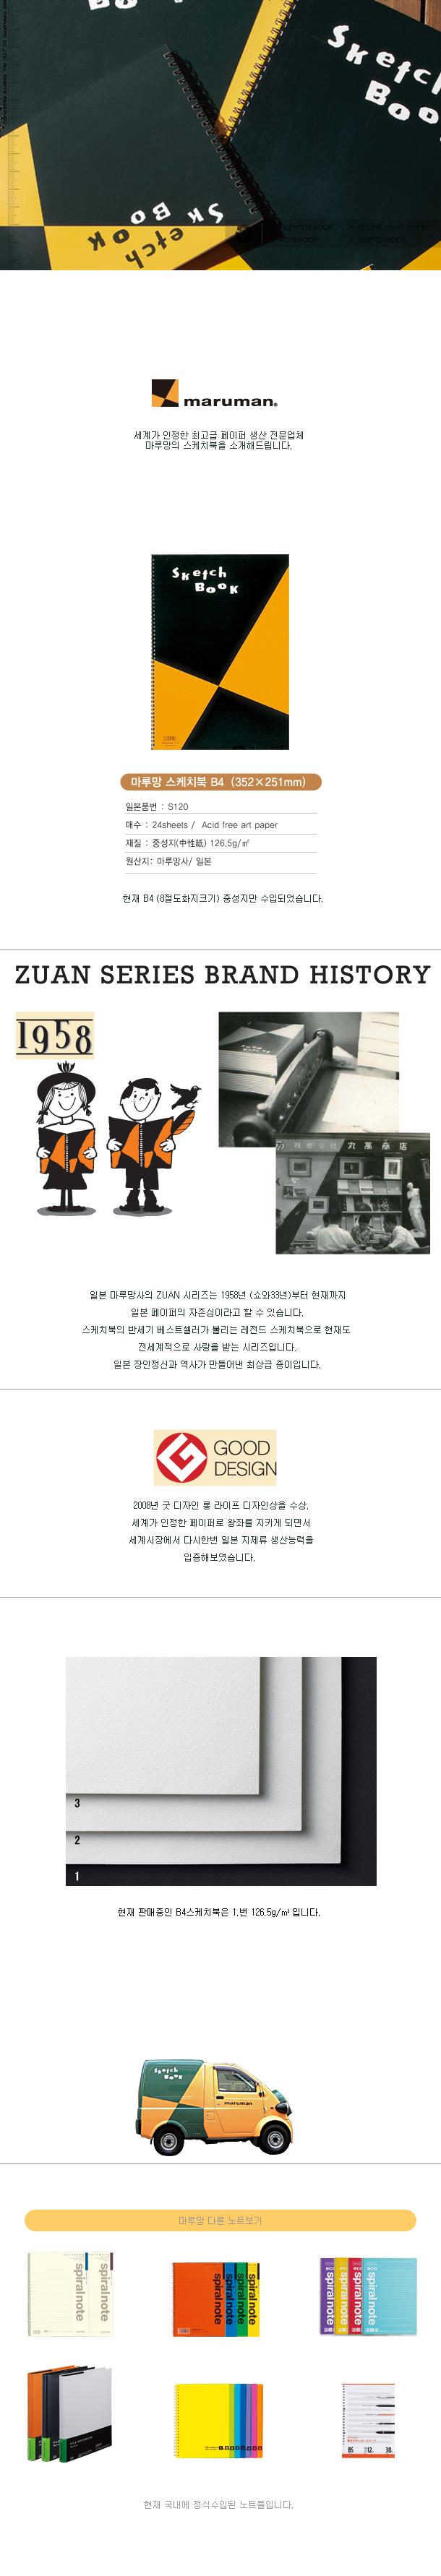 마루망 스케치북 B4 - 드림, 6,500원, 화방지류, 스케치북